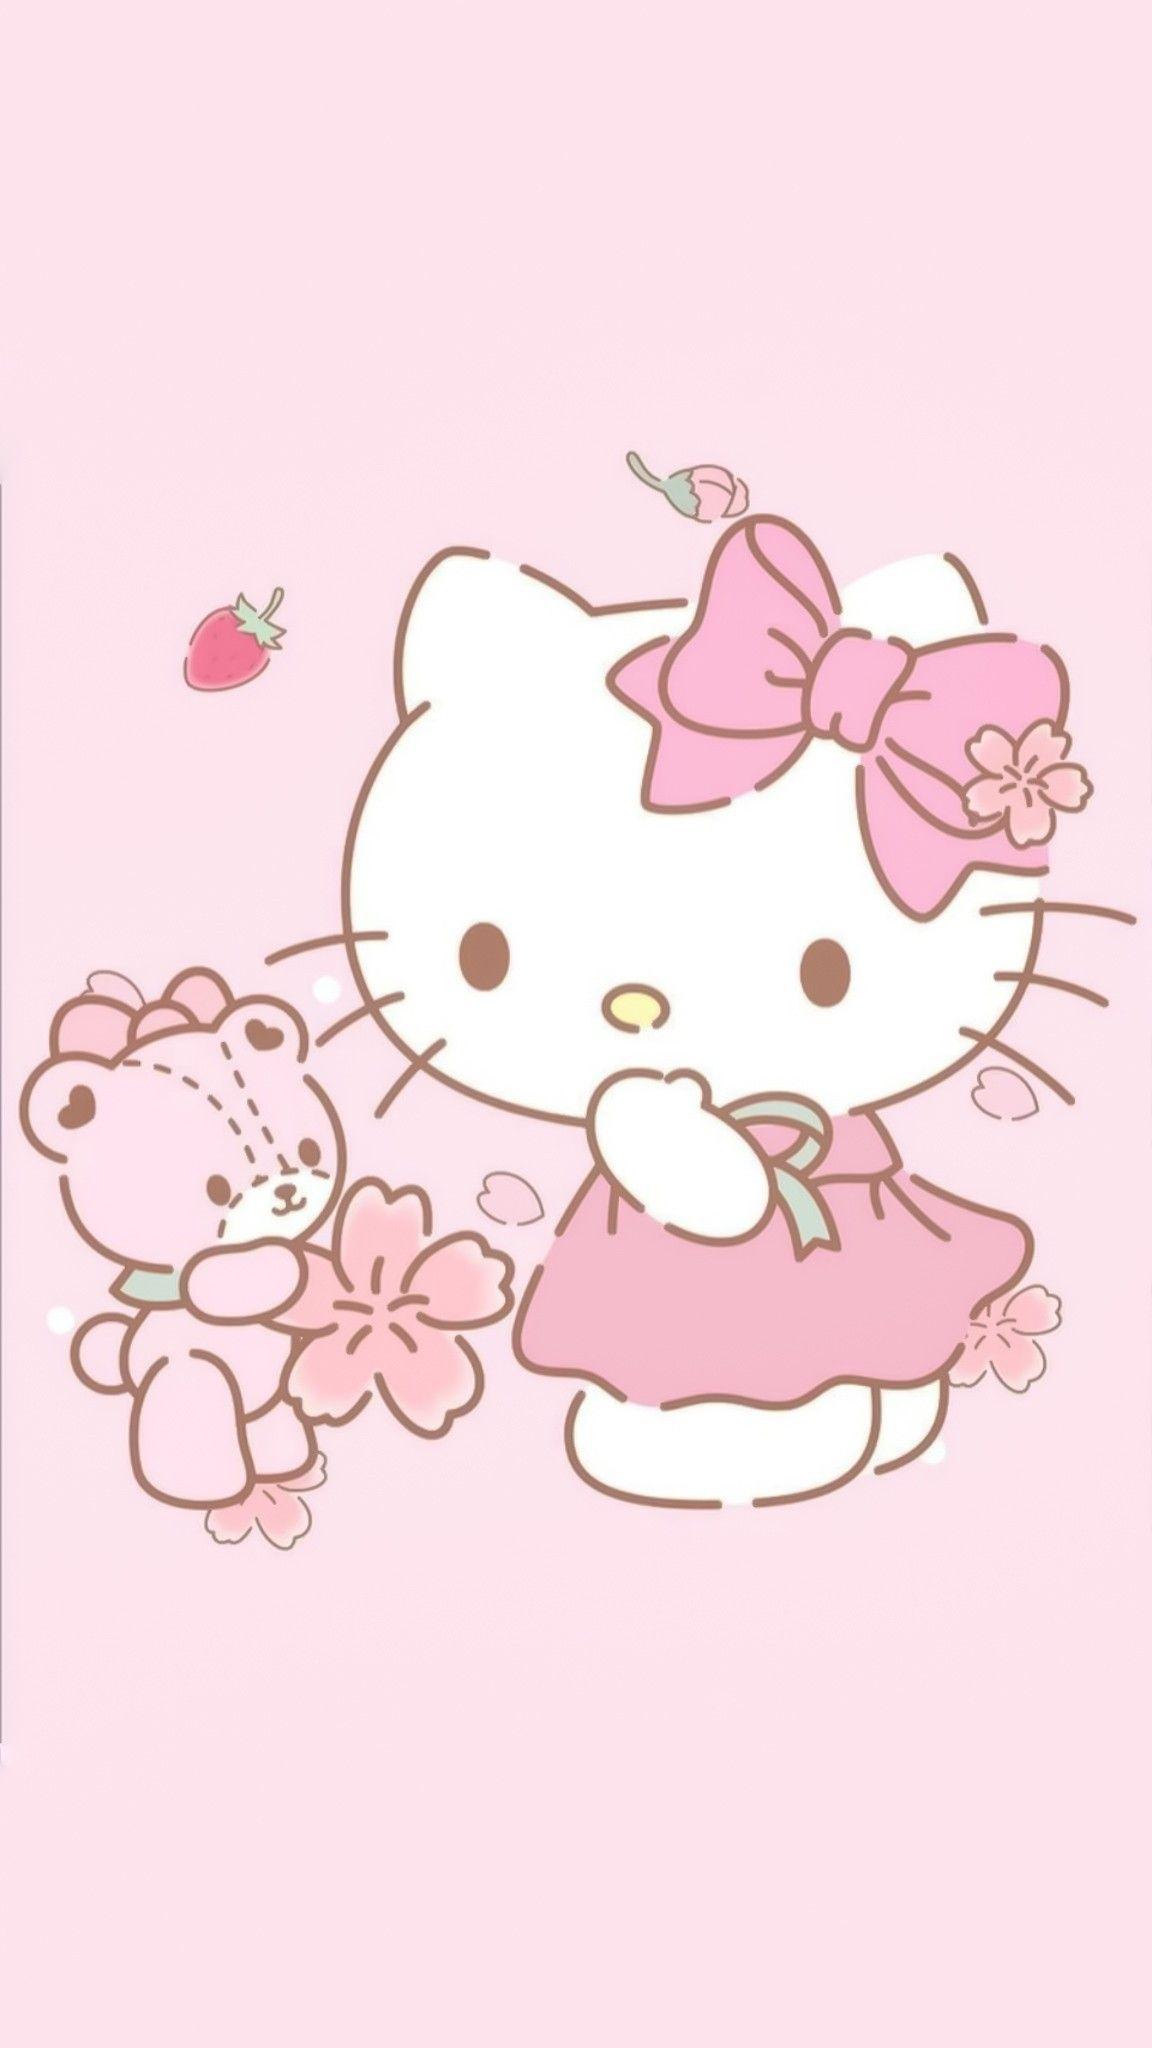 Pin By Apoame On Hello Kitty Bg Hello Kitty Pictures Hello Kitty Wallpaper Pink Hello Kitty